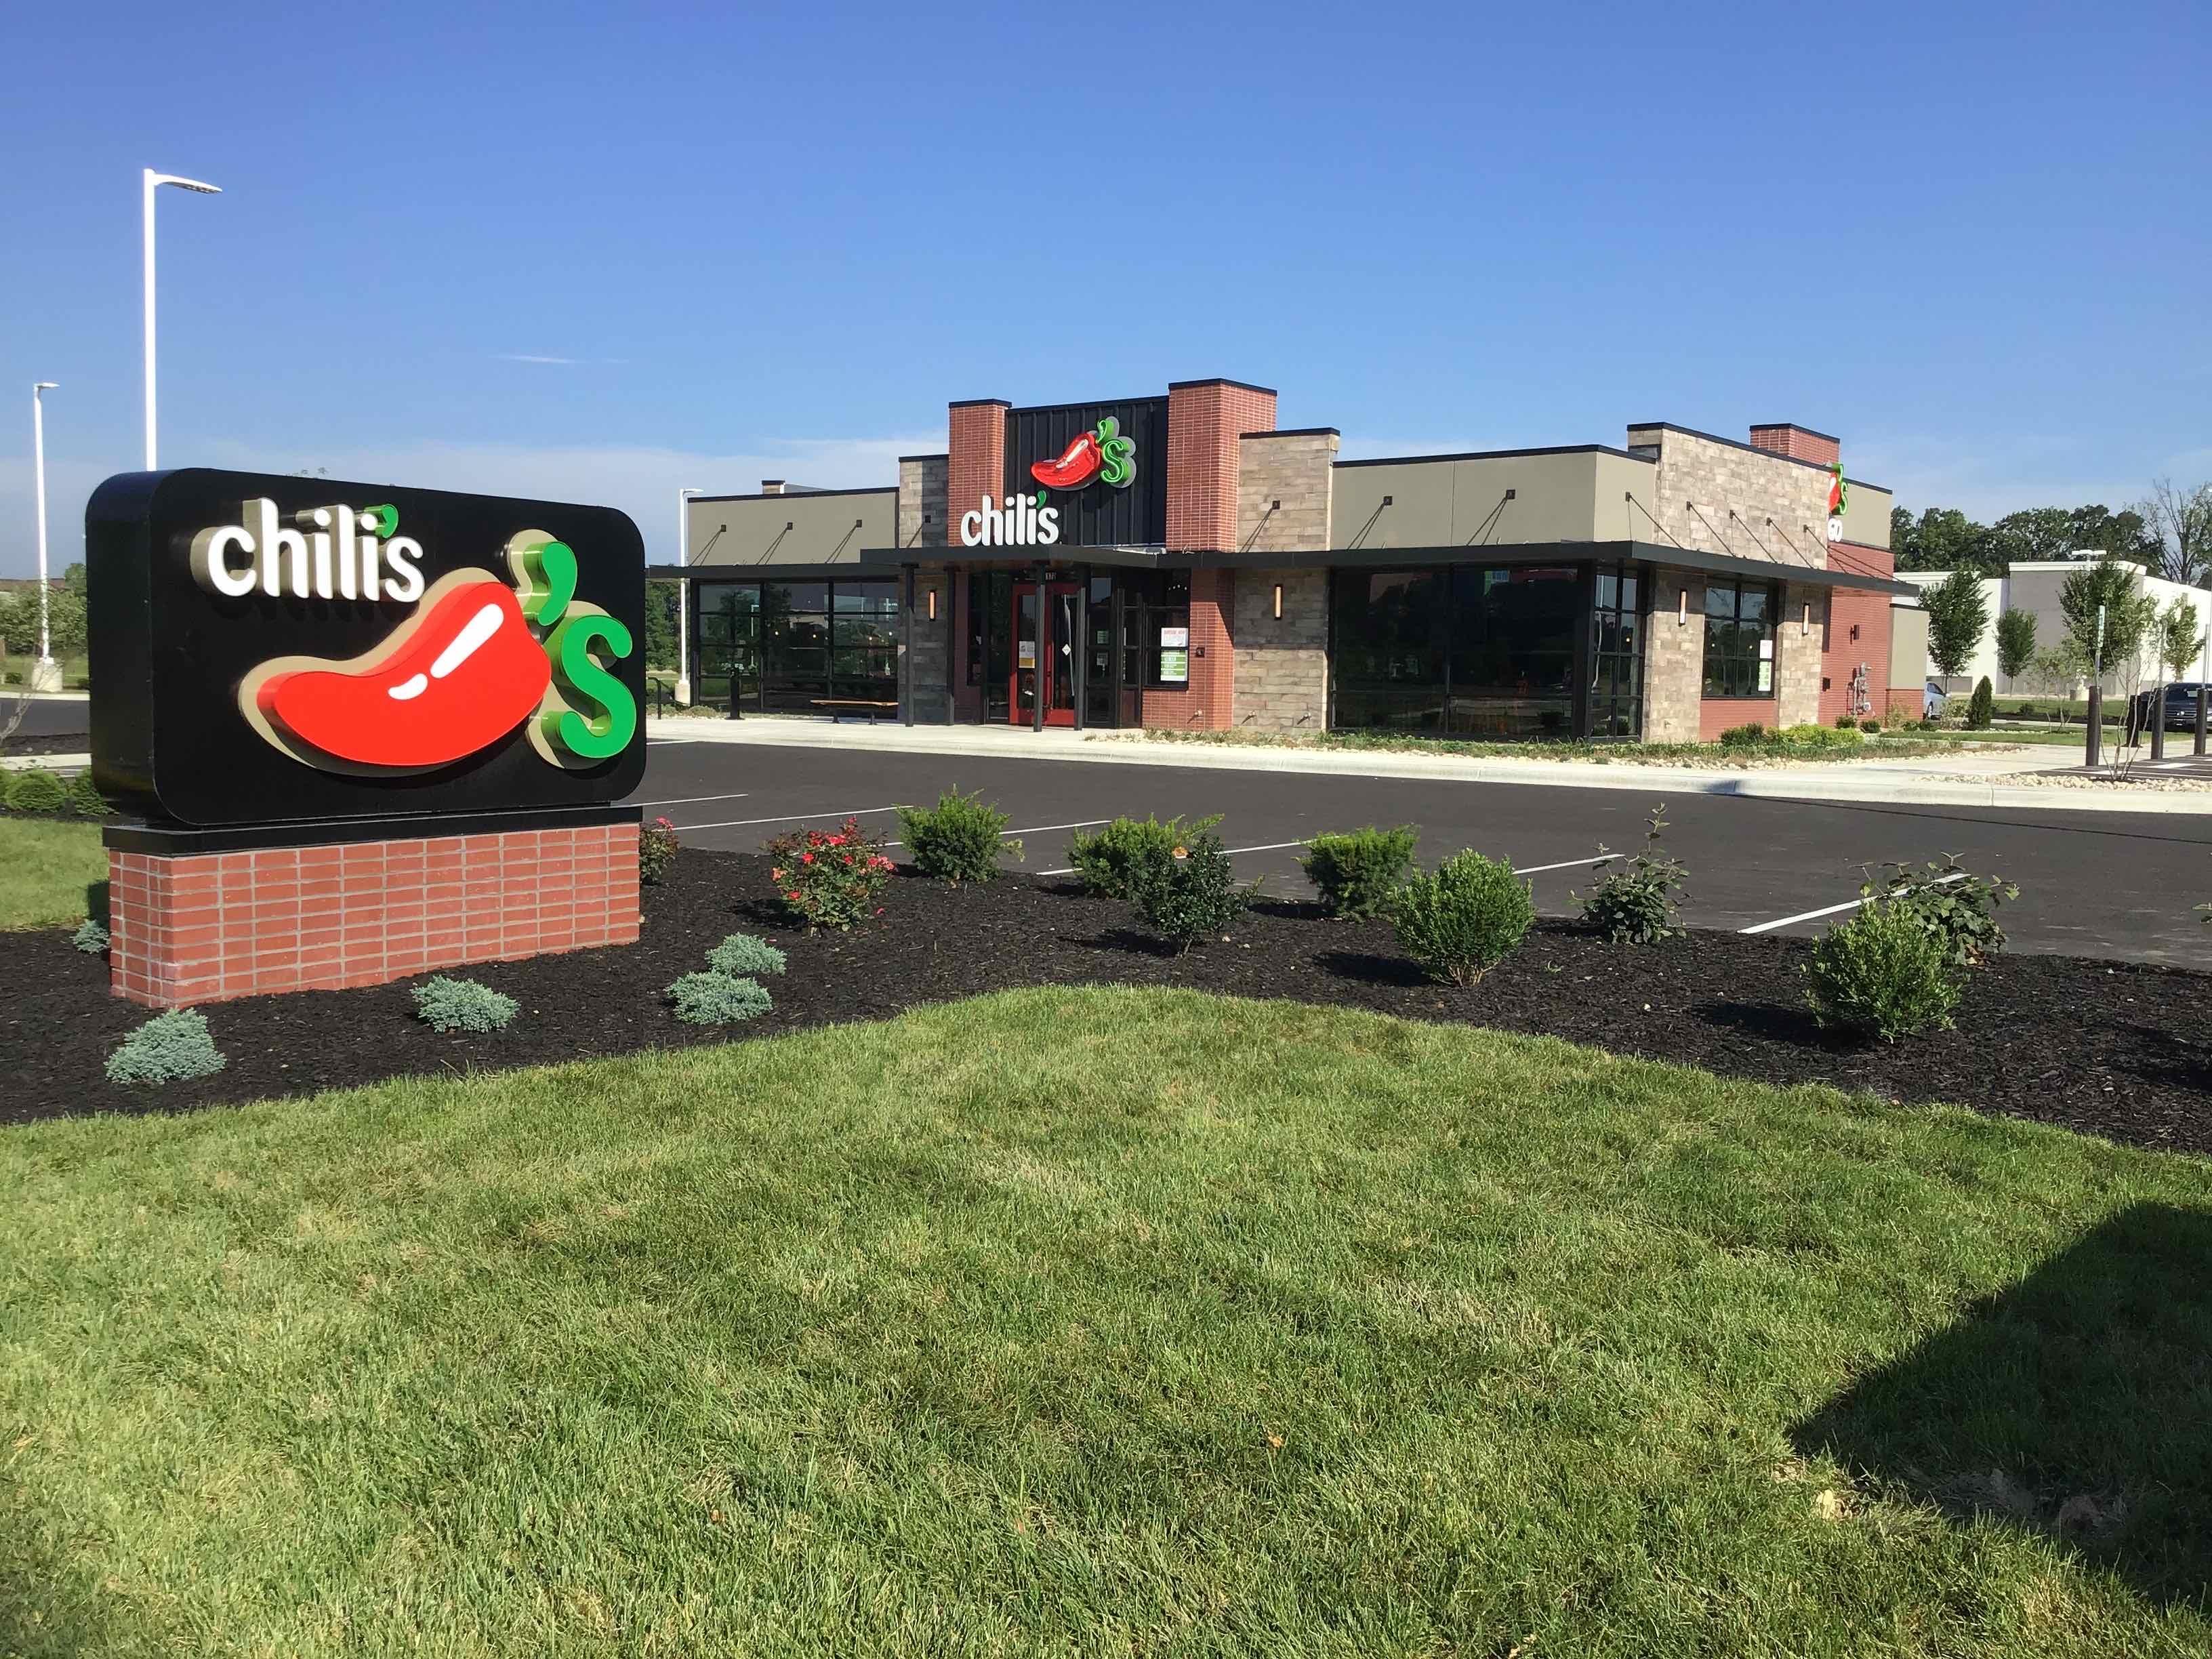 New Chili restaurant